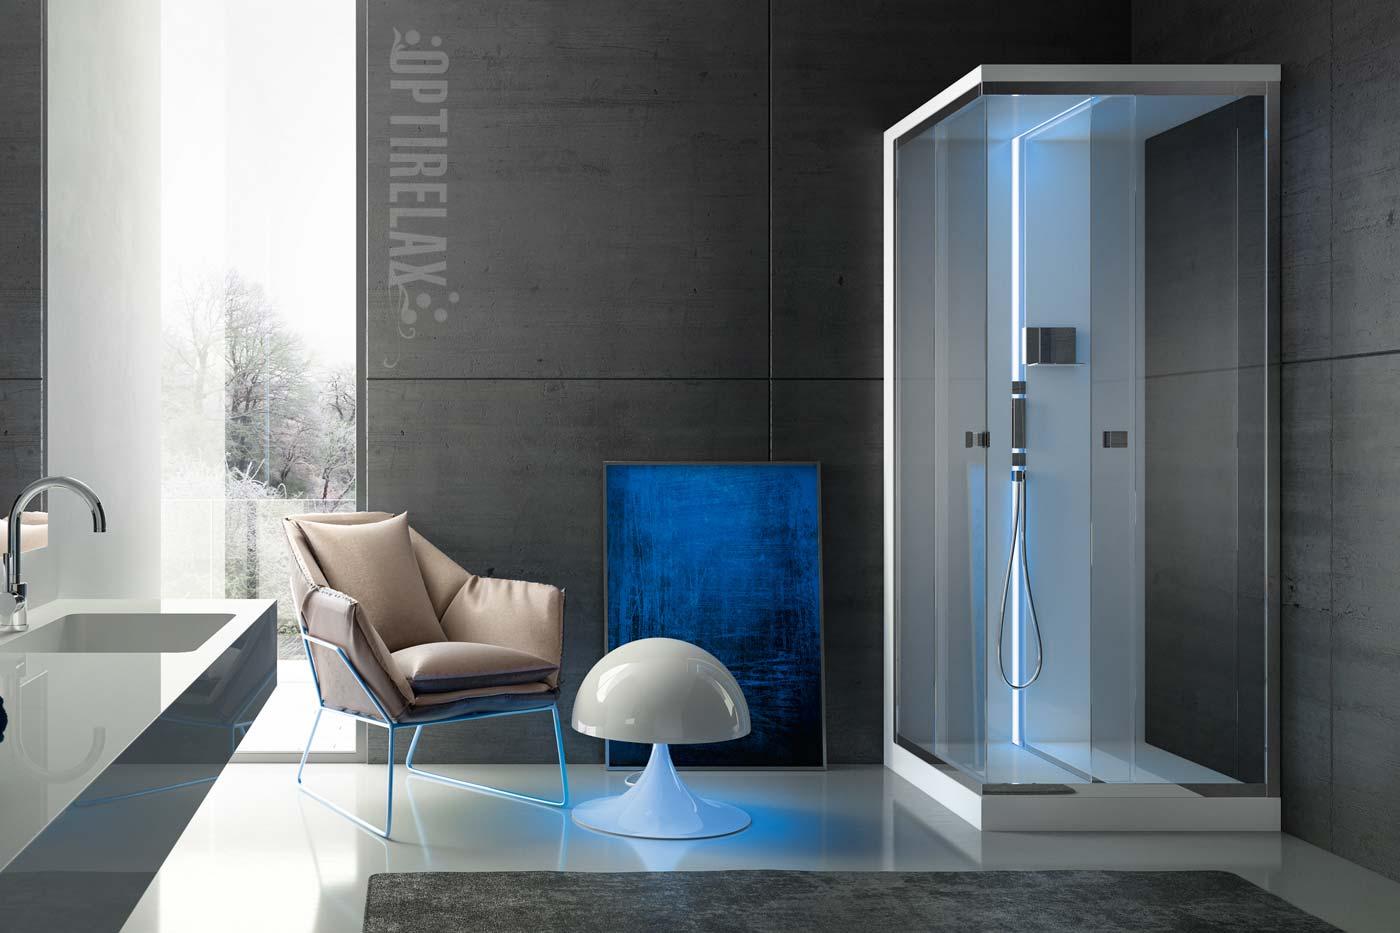 Full Size of Dusche 90x90 Luxus Duschkabine Gt S90 Optirelax Haltegriff Ebenerdige Bodengleiche Nachträglich Einbauen Kaufen Badewanne Begehbare Fliesen Breuer Duschen Dusche Dusche 90x90